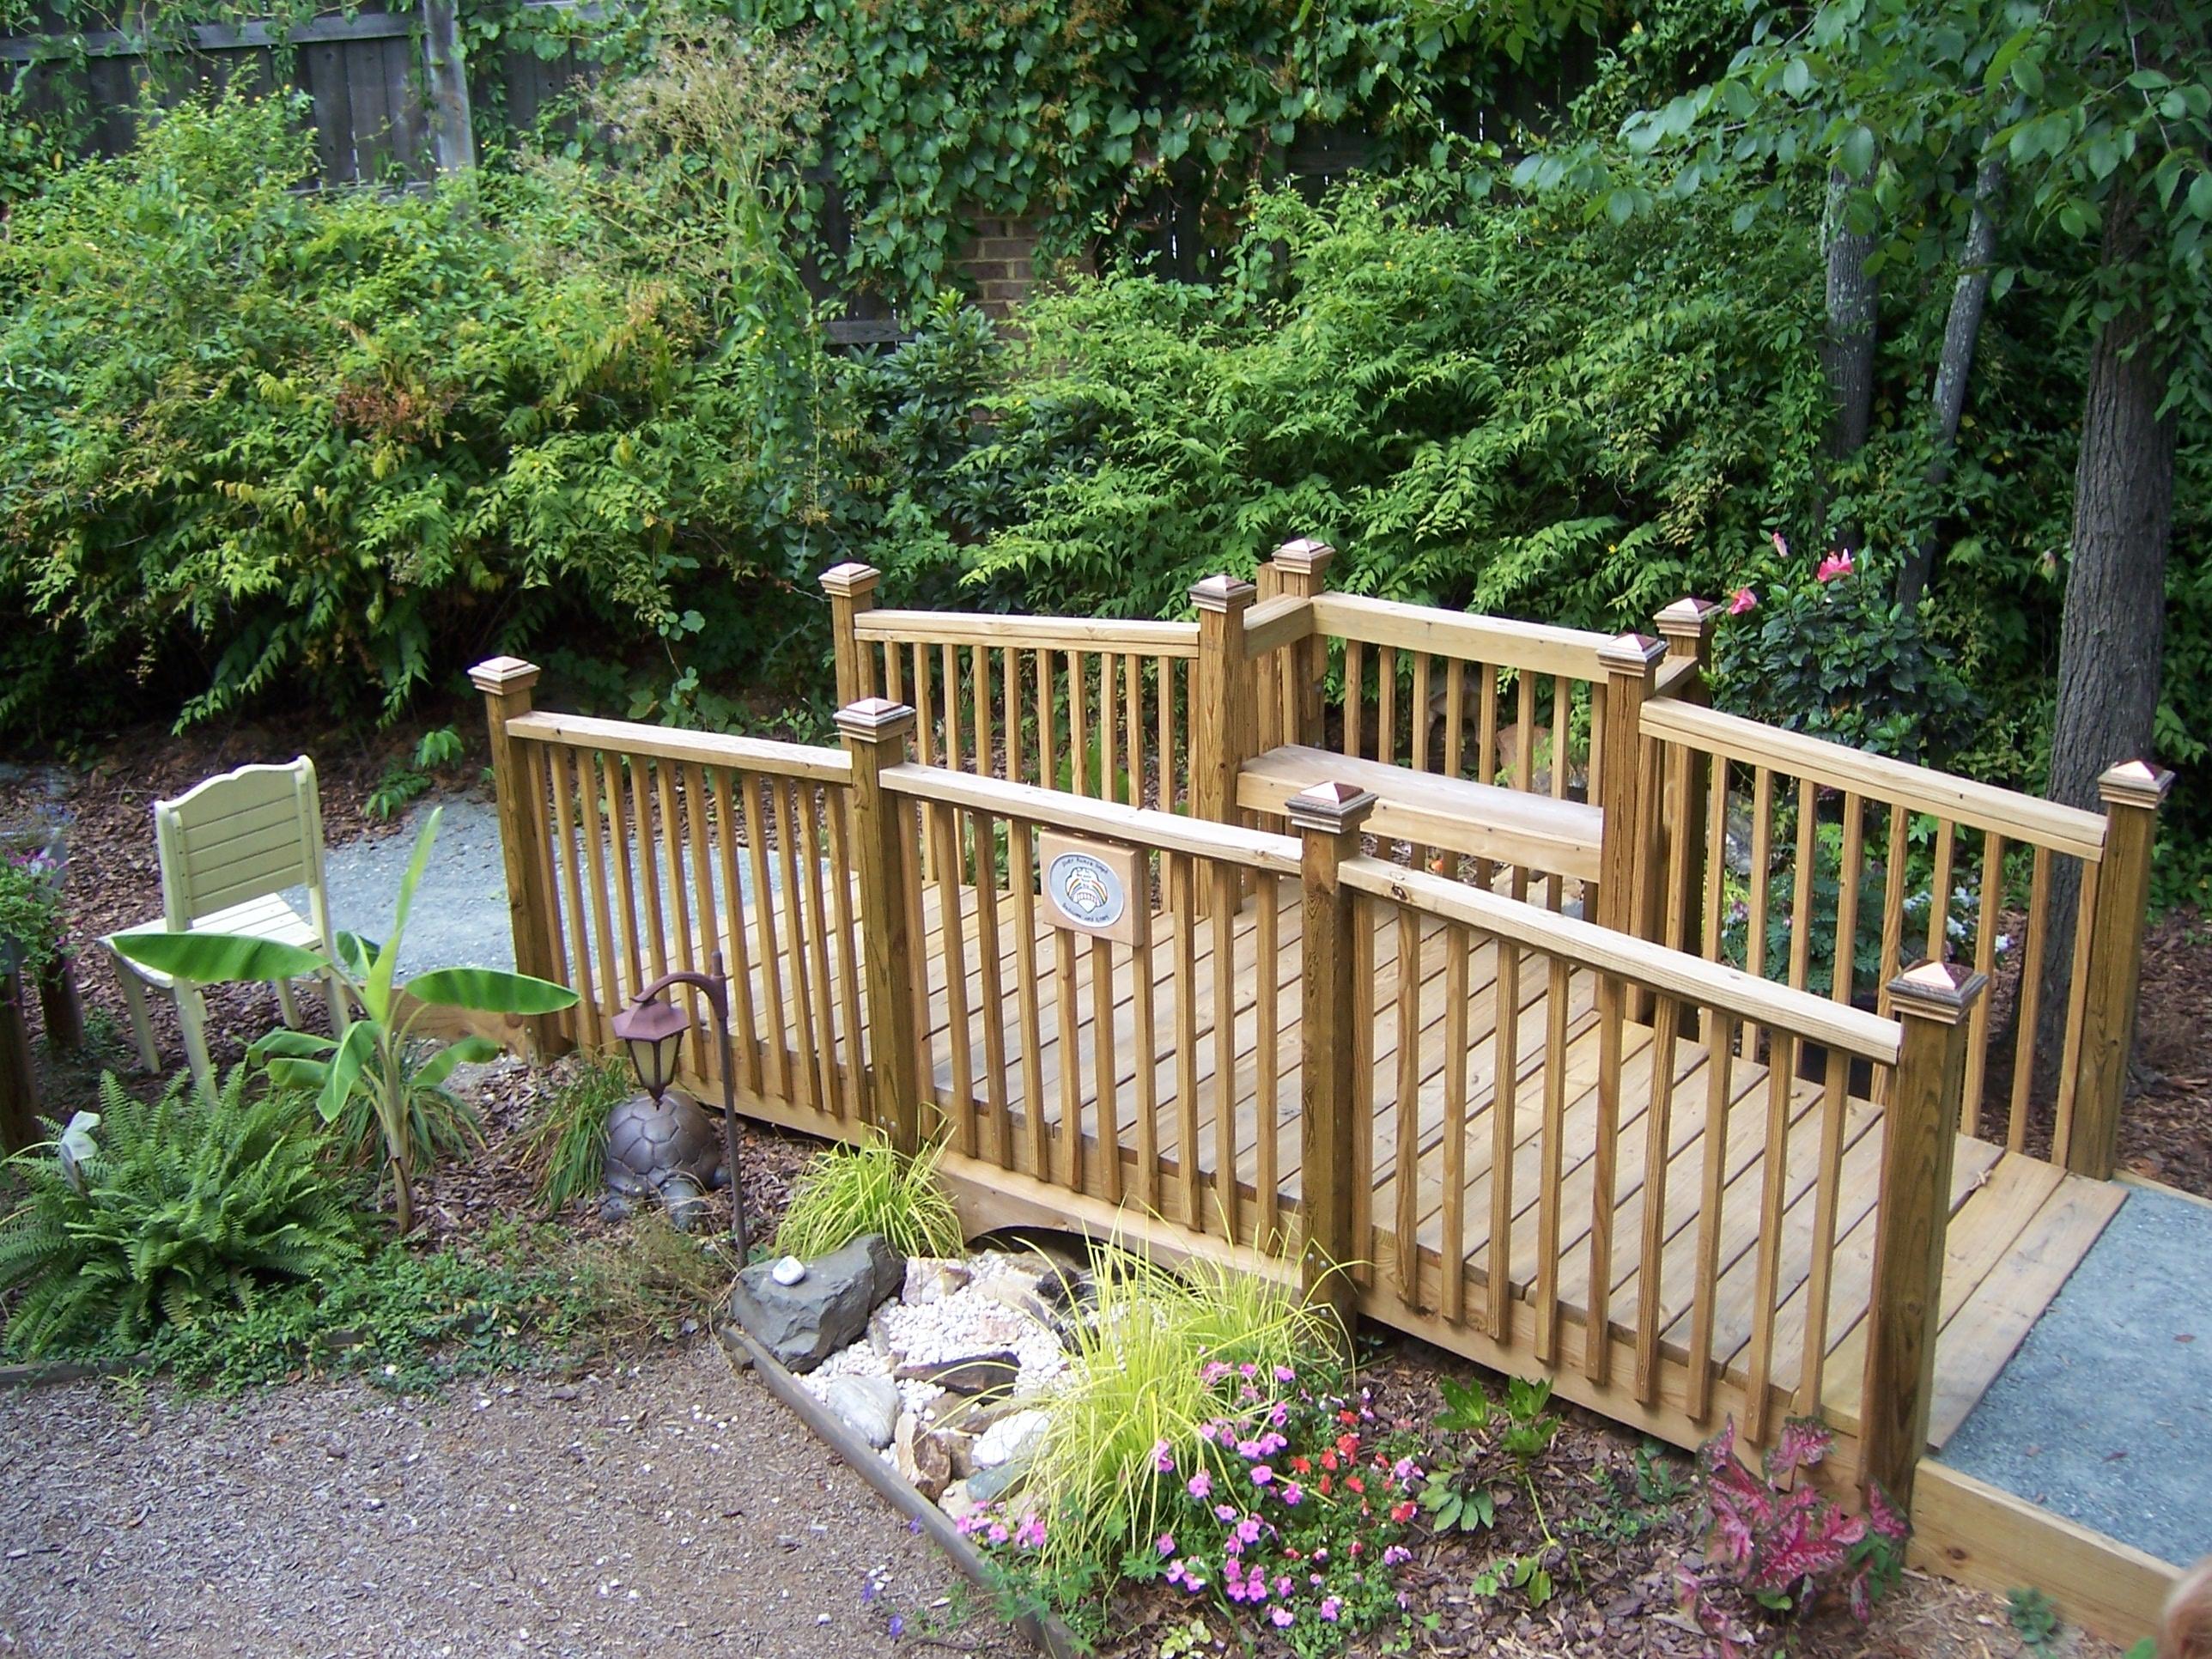 Cheap pont bois jardin castorama soins palliatifs et deuil le r le des plantes le bonheur est - Castorama jardin poterie amiens ...